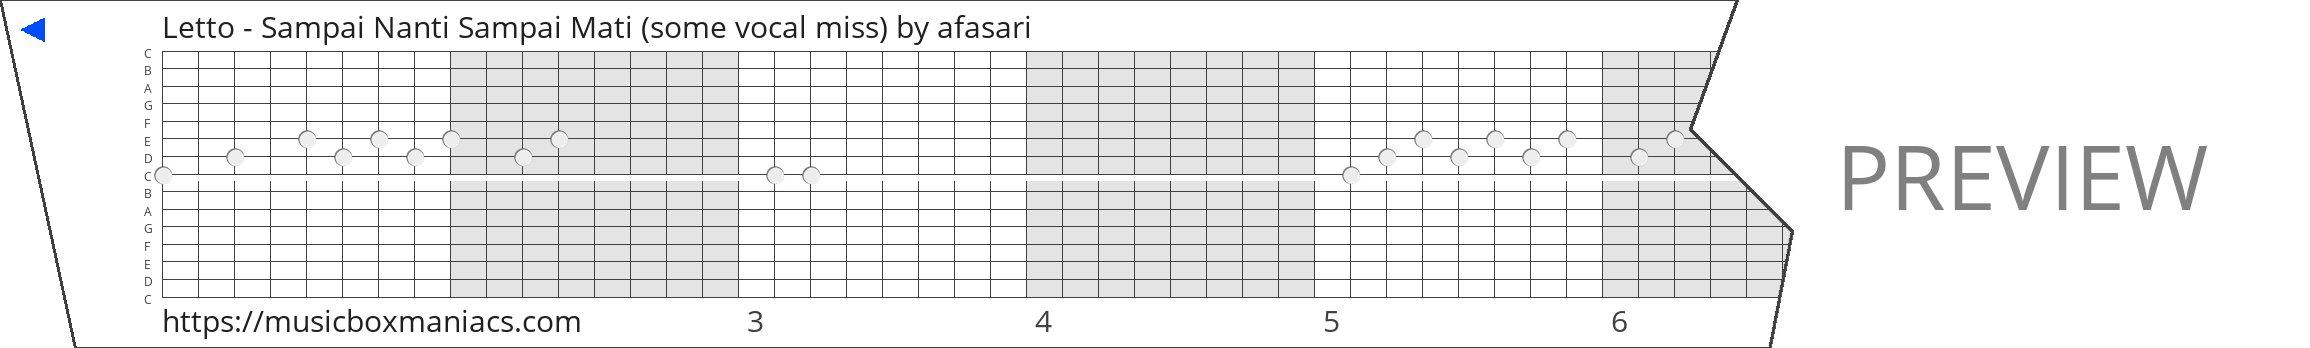 Letto - Sampai Nanti Sampai Mati (some vocal miss) 15 note music box paper strip